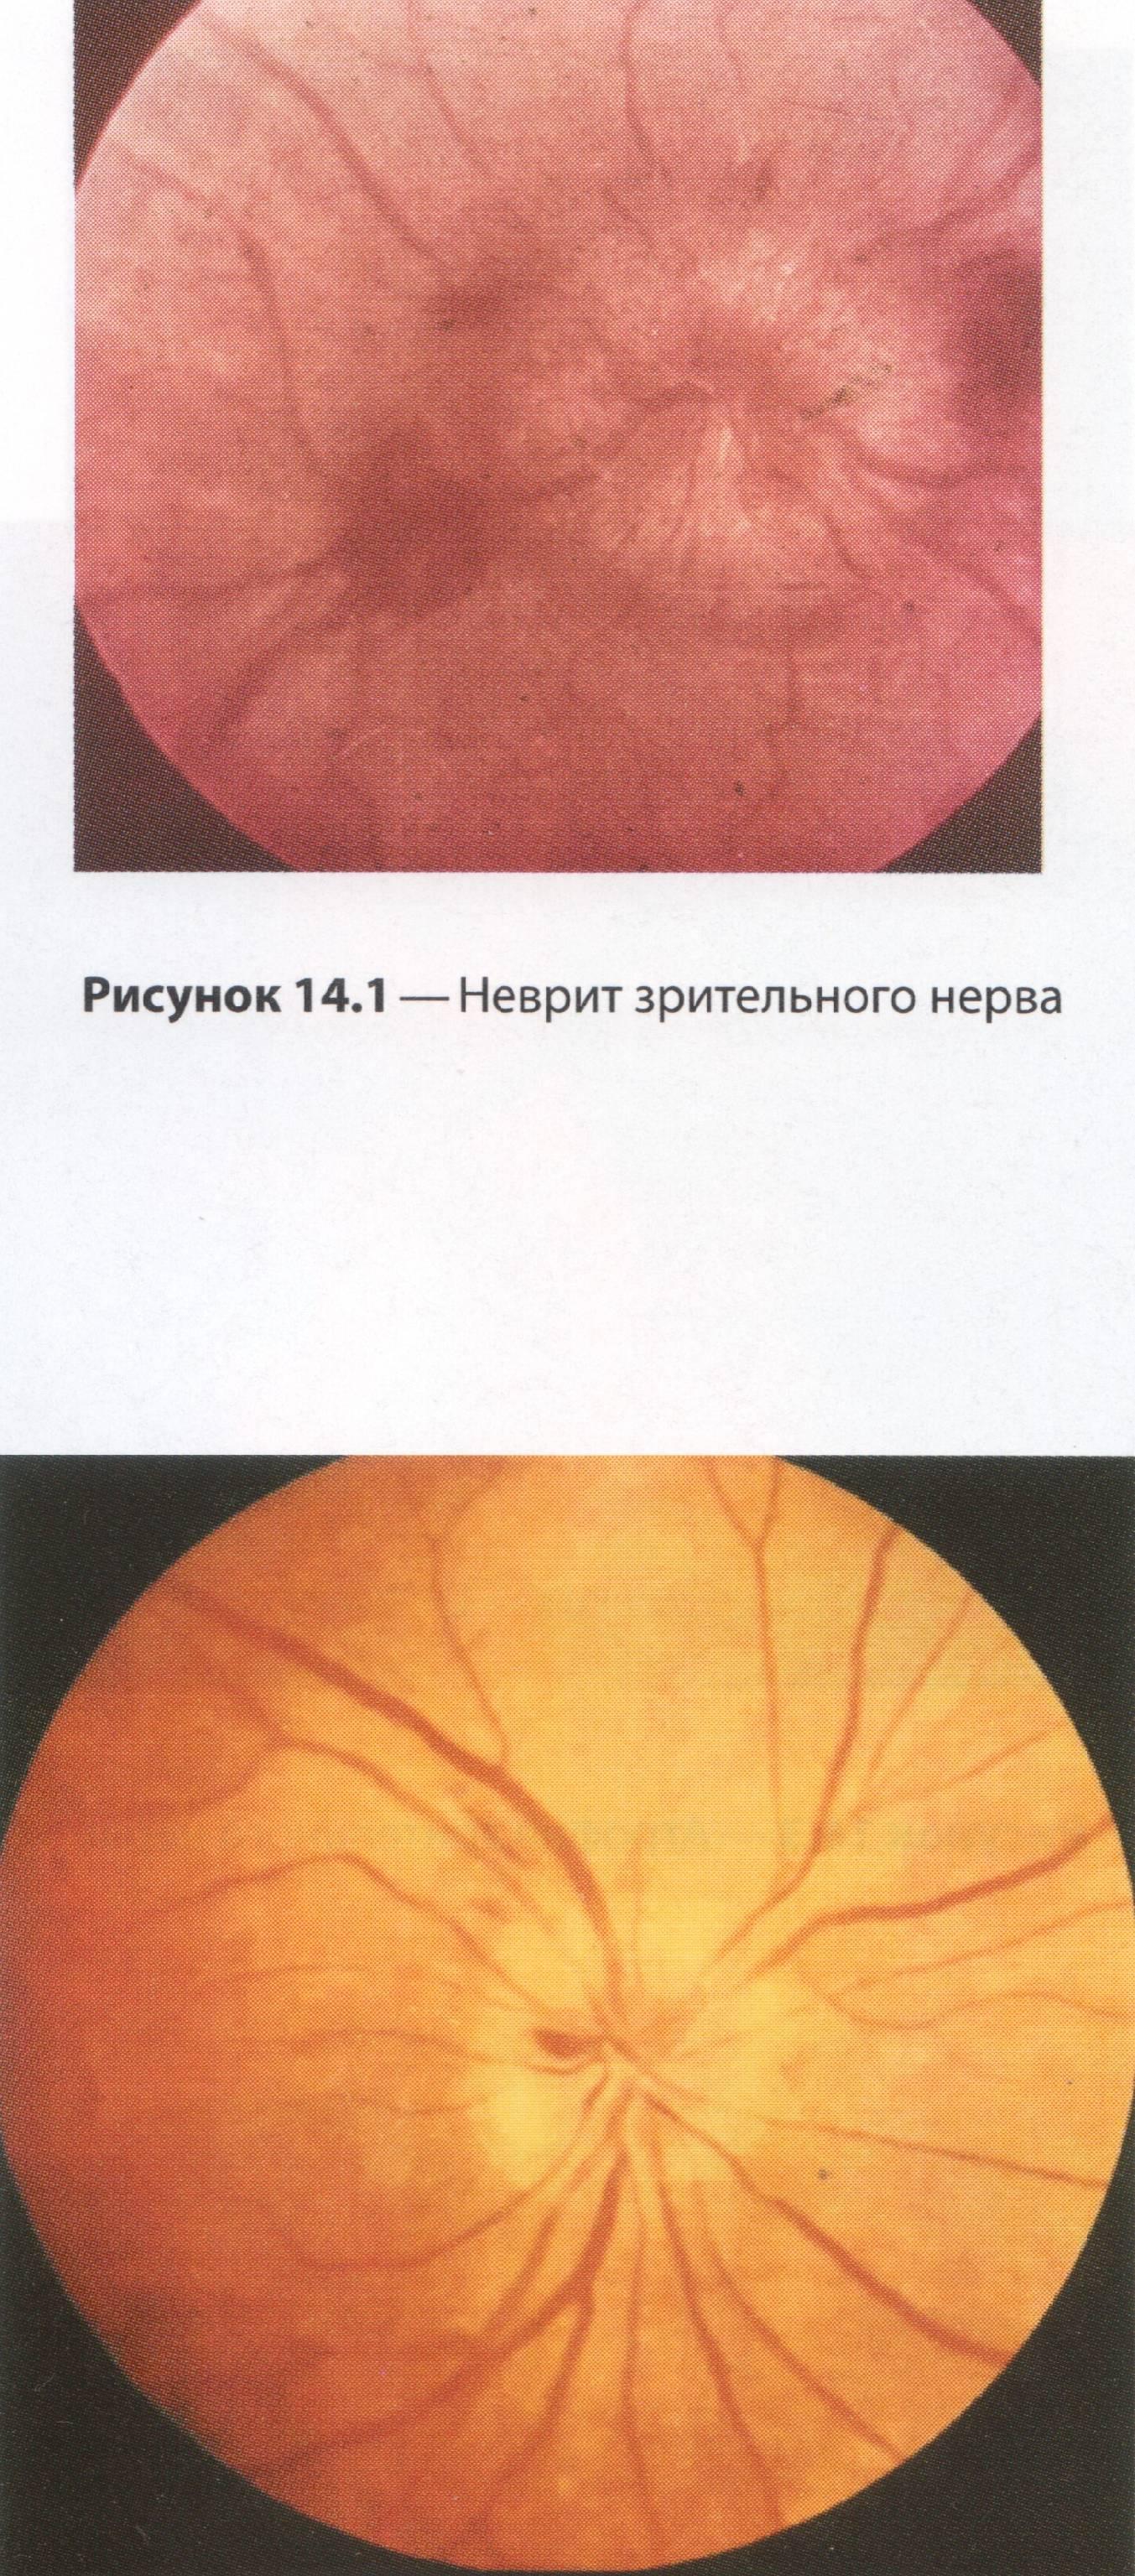 Неврит зрительного нерва: симптомы, лечение. Ретробульбарный неврит зрительного нерва 41